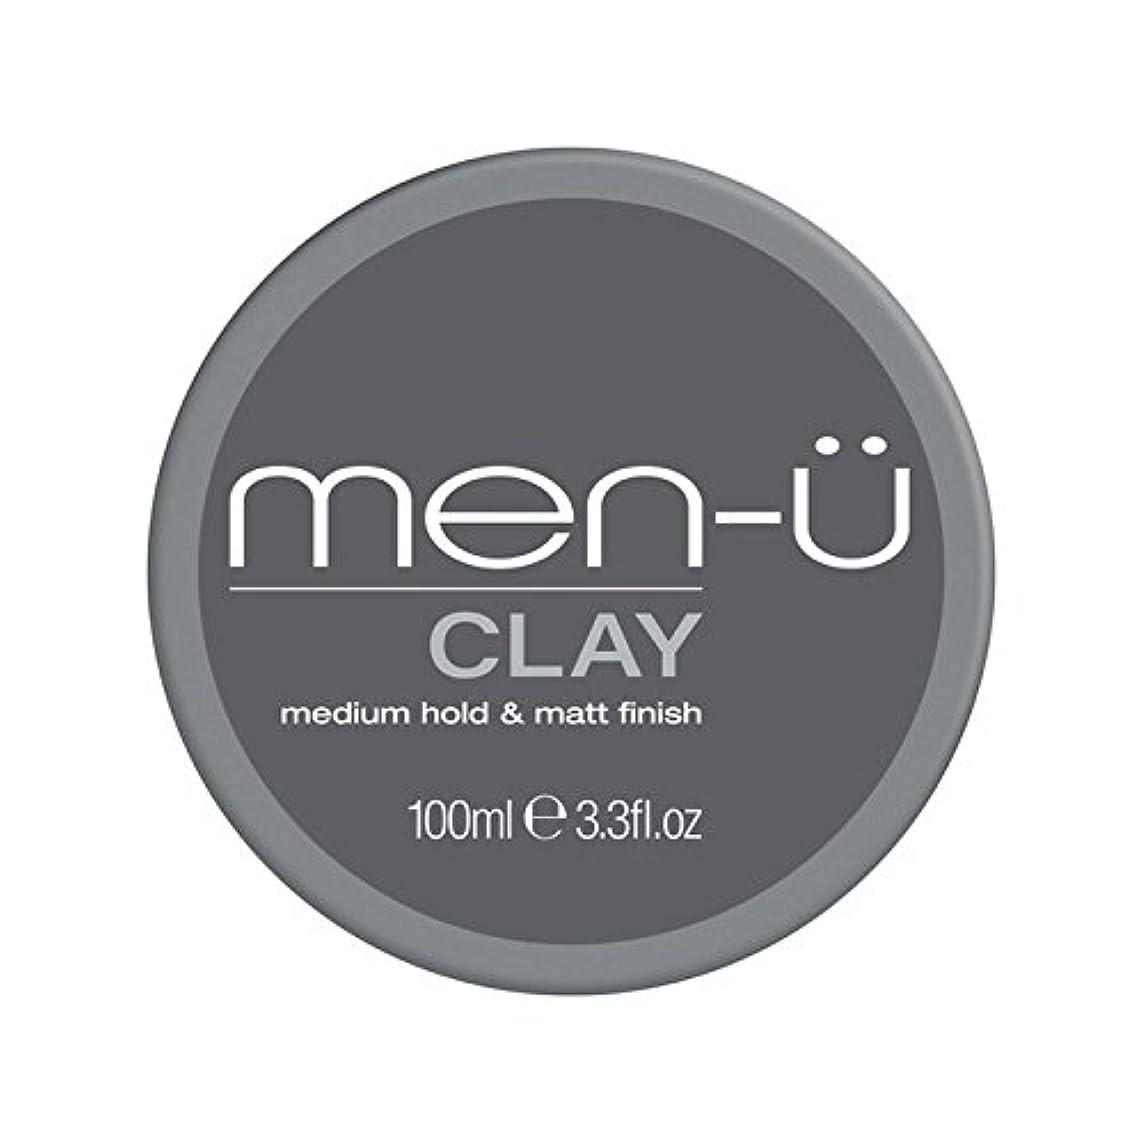 債務者手荷物皮Men-? Clay (100ml) - 男性-粘土(100ミリリットル) [並行輸入品]